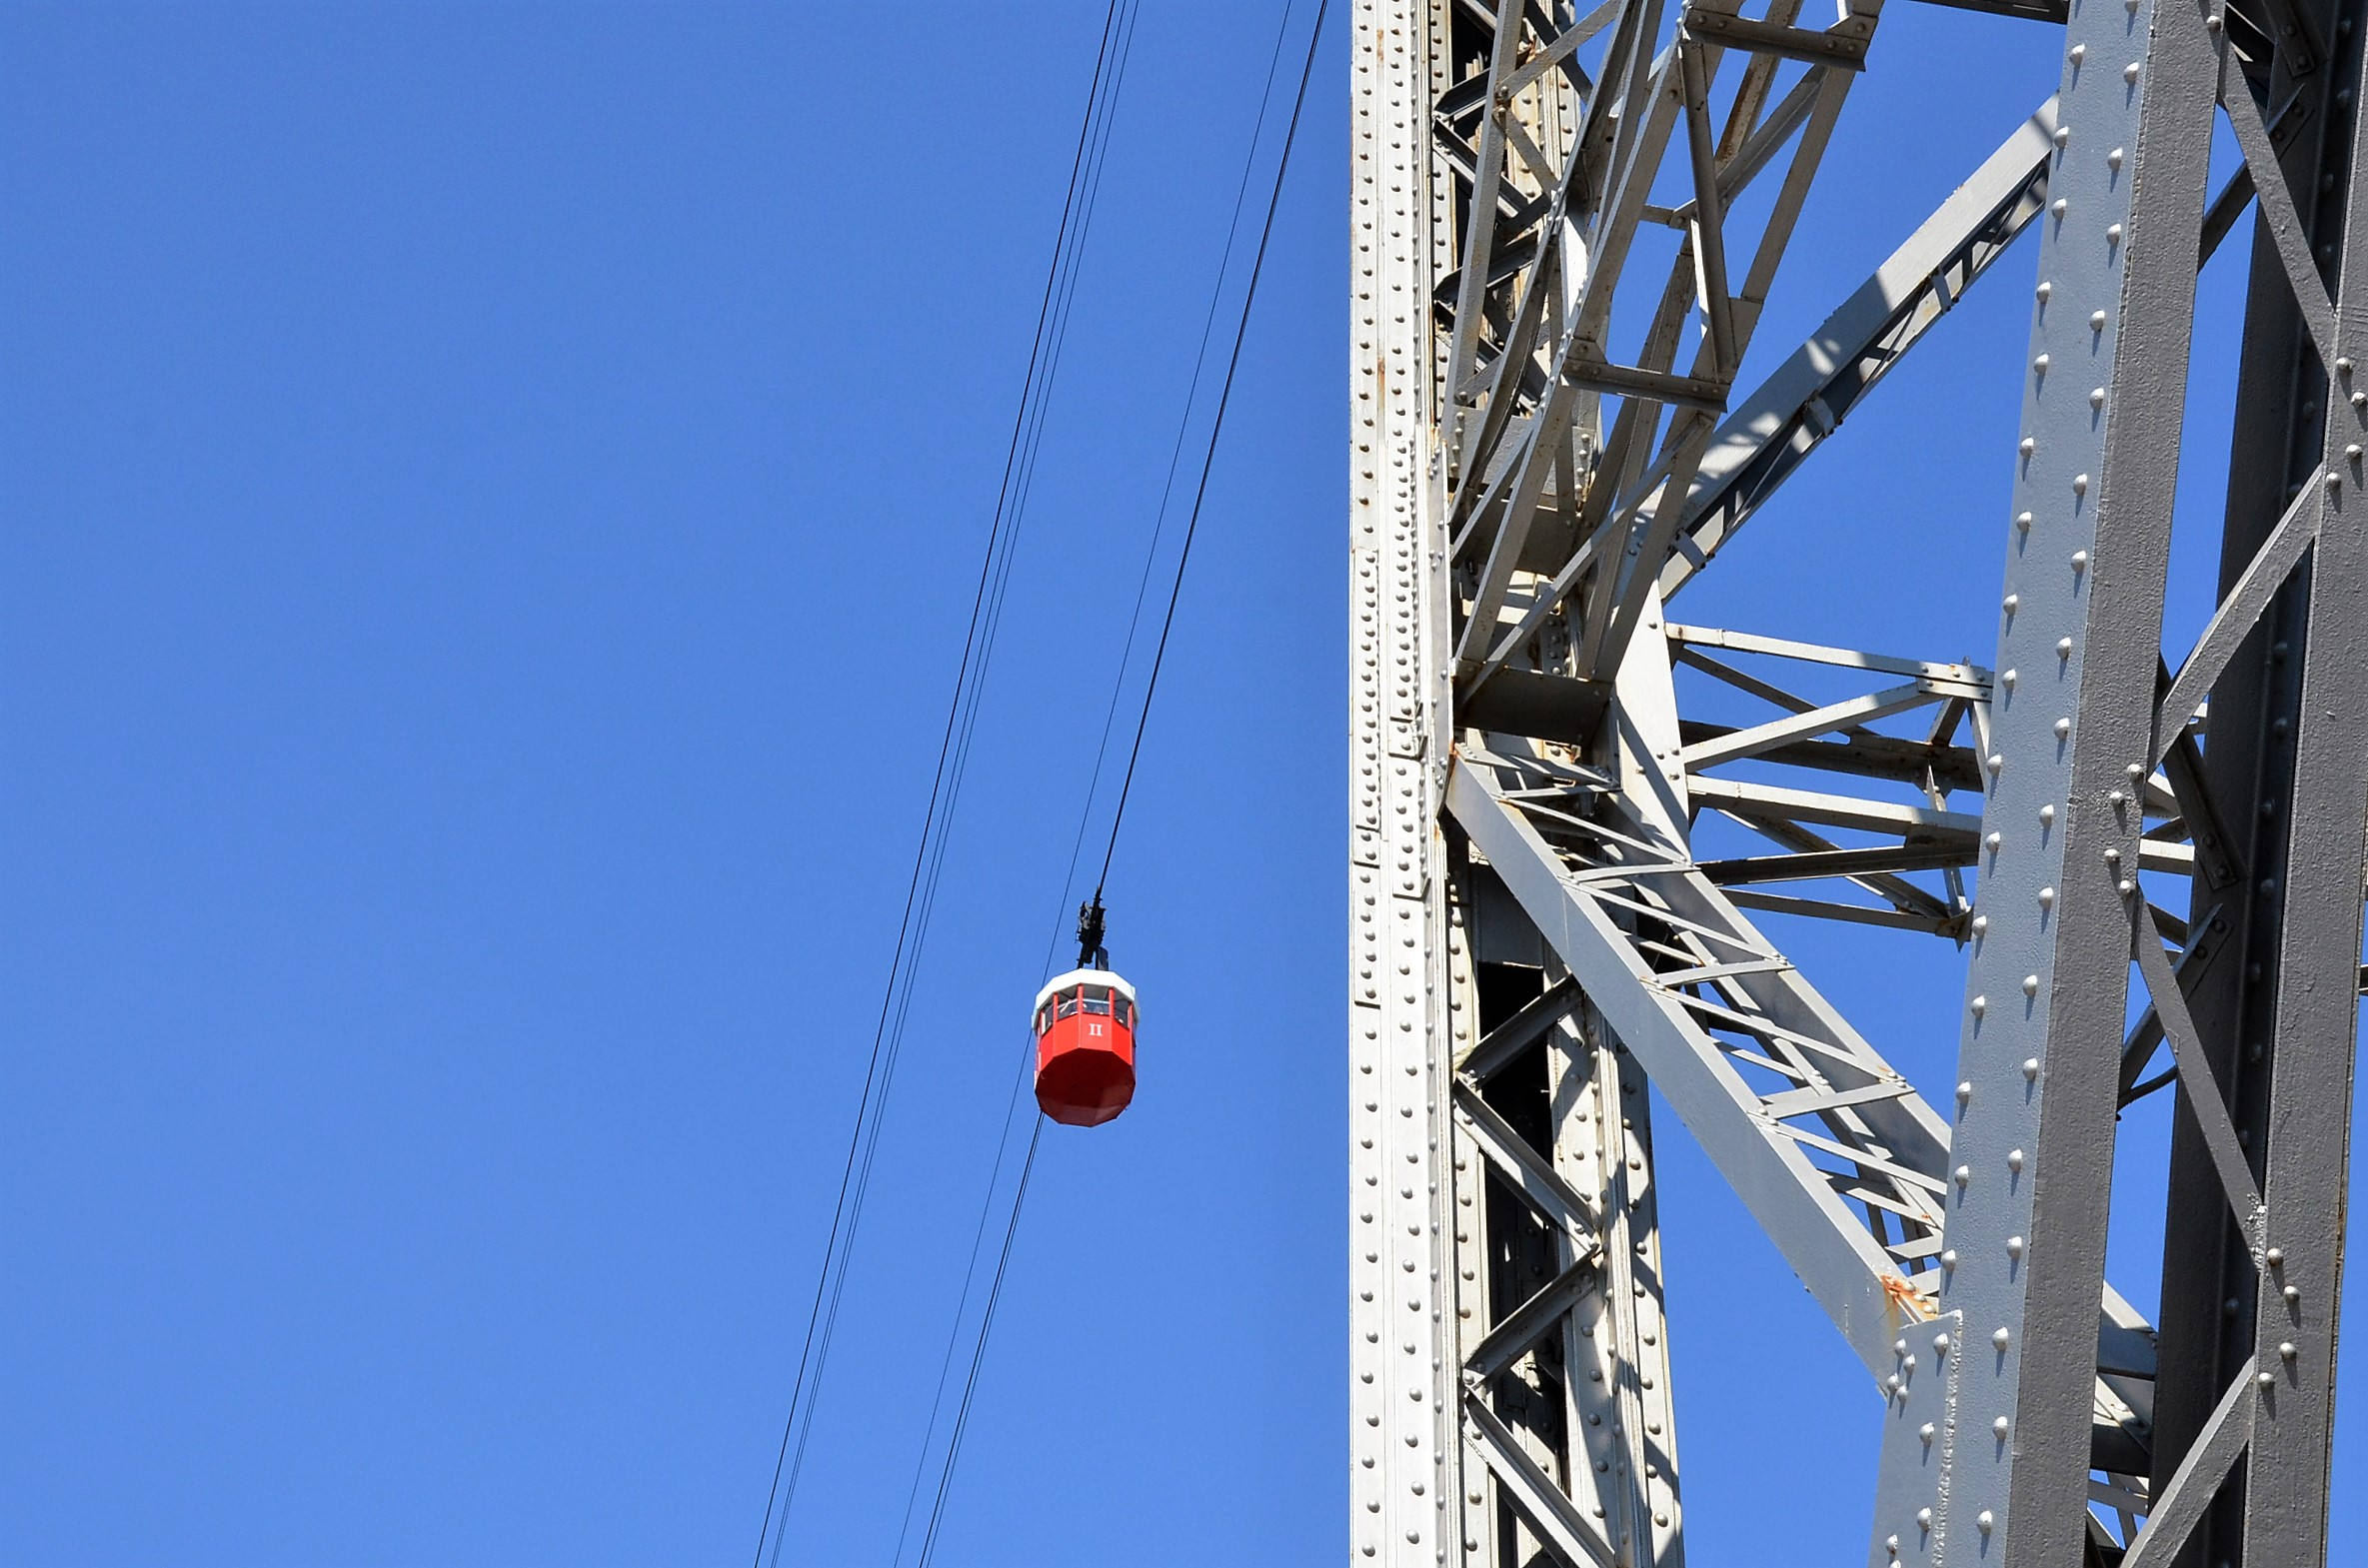 Rote Gondel, ein Wahrzeichen der Stadt